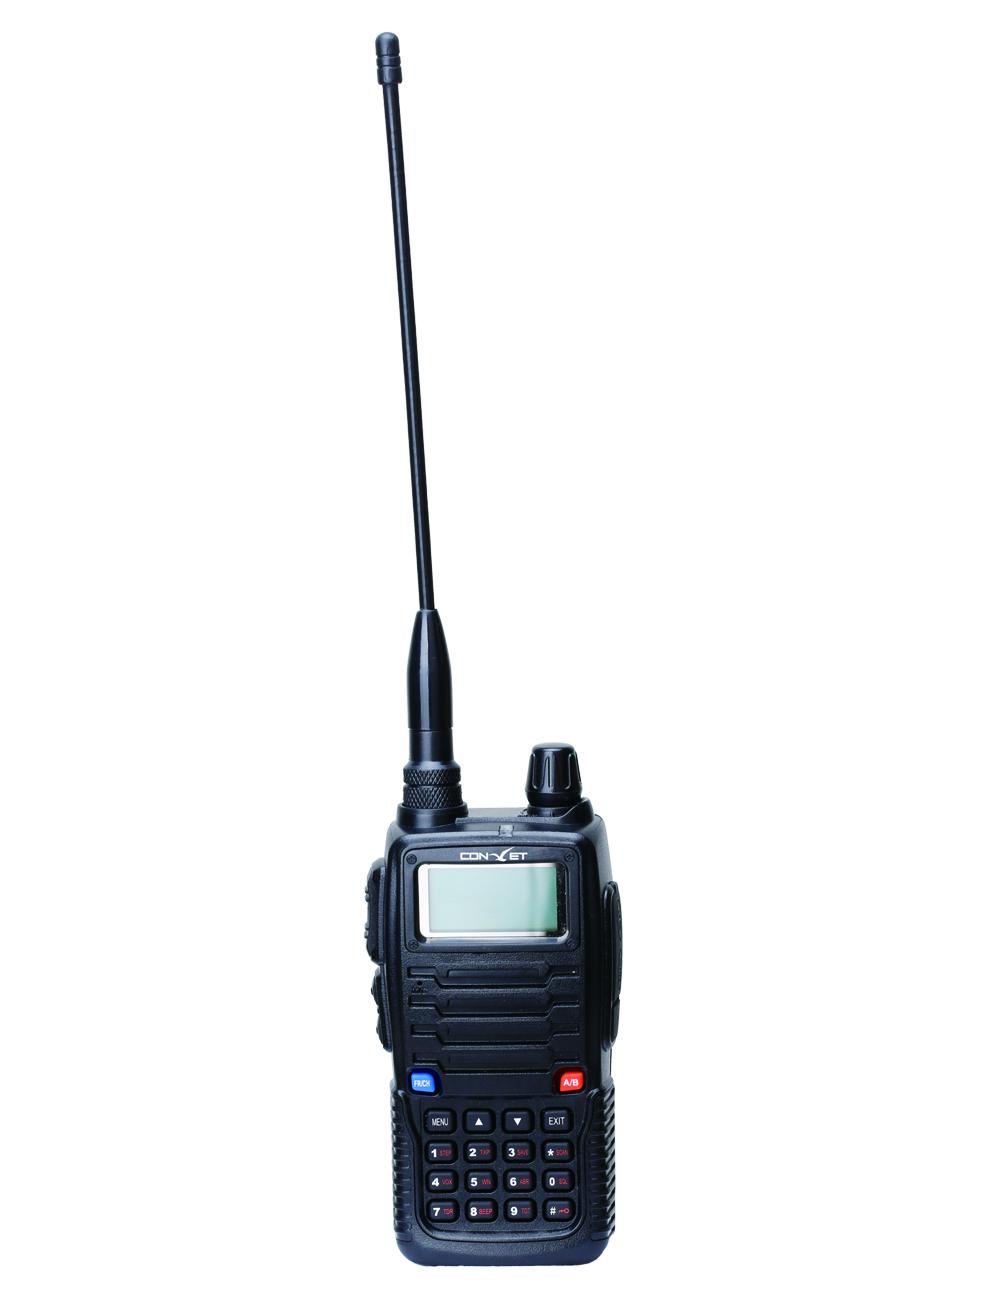 CTET-5810D